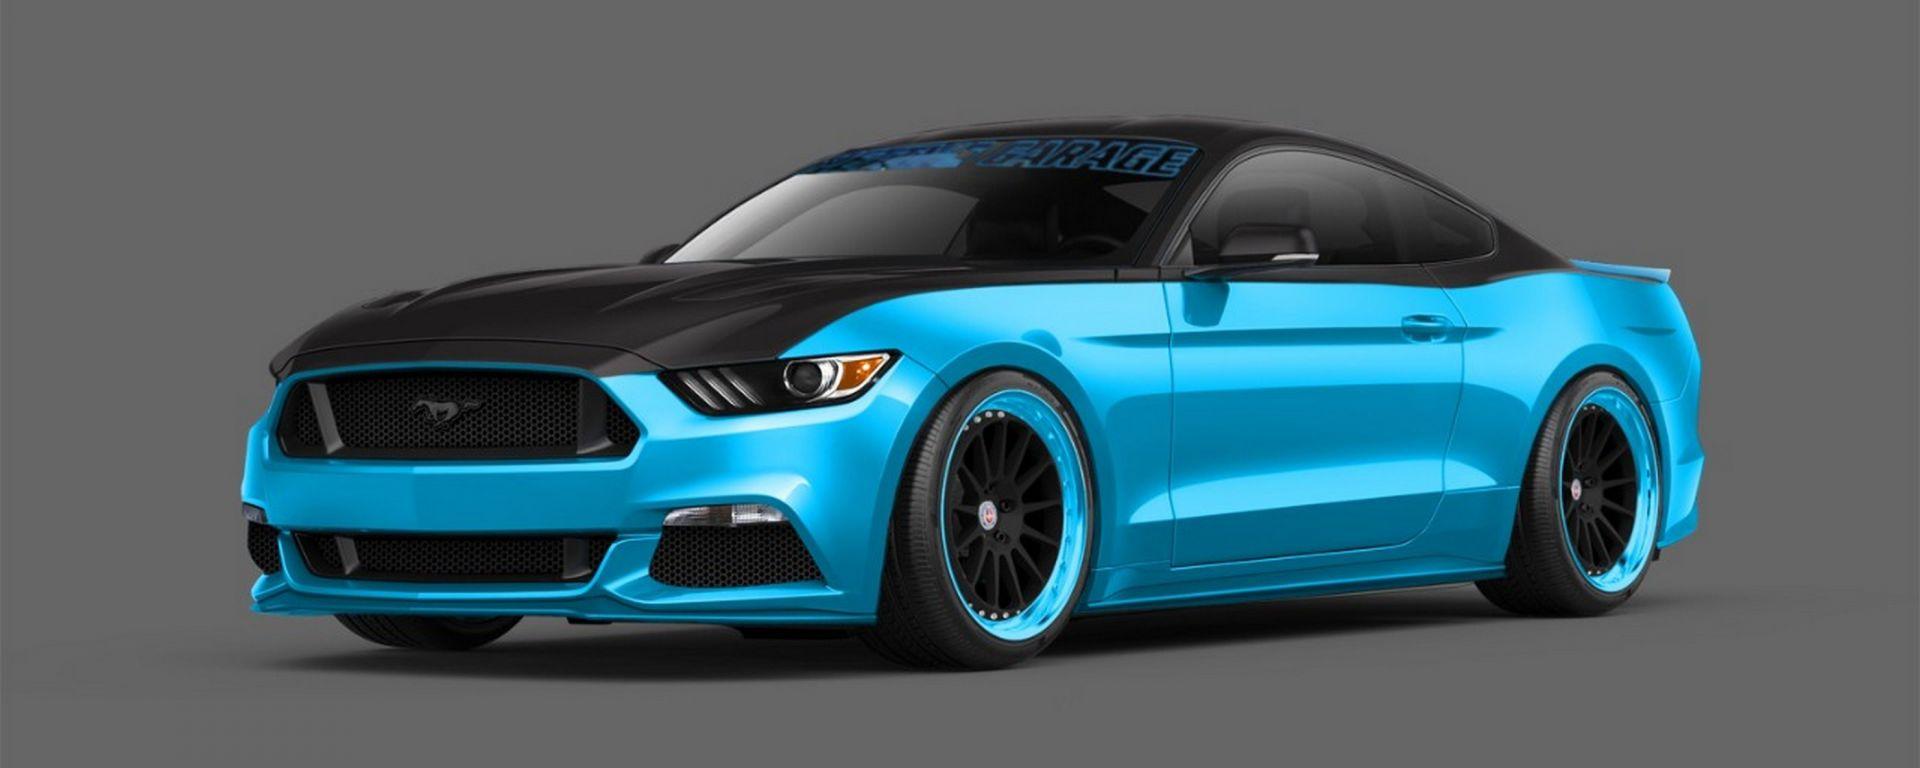 Ford Mustang: tuning no limits al SEMA 2014